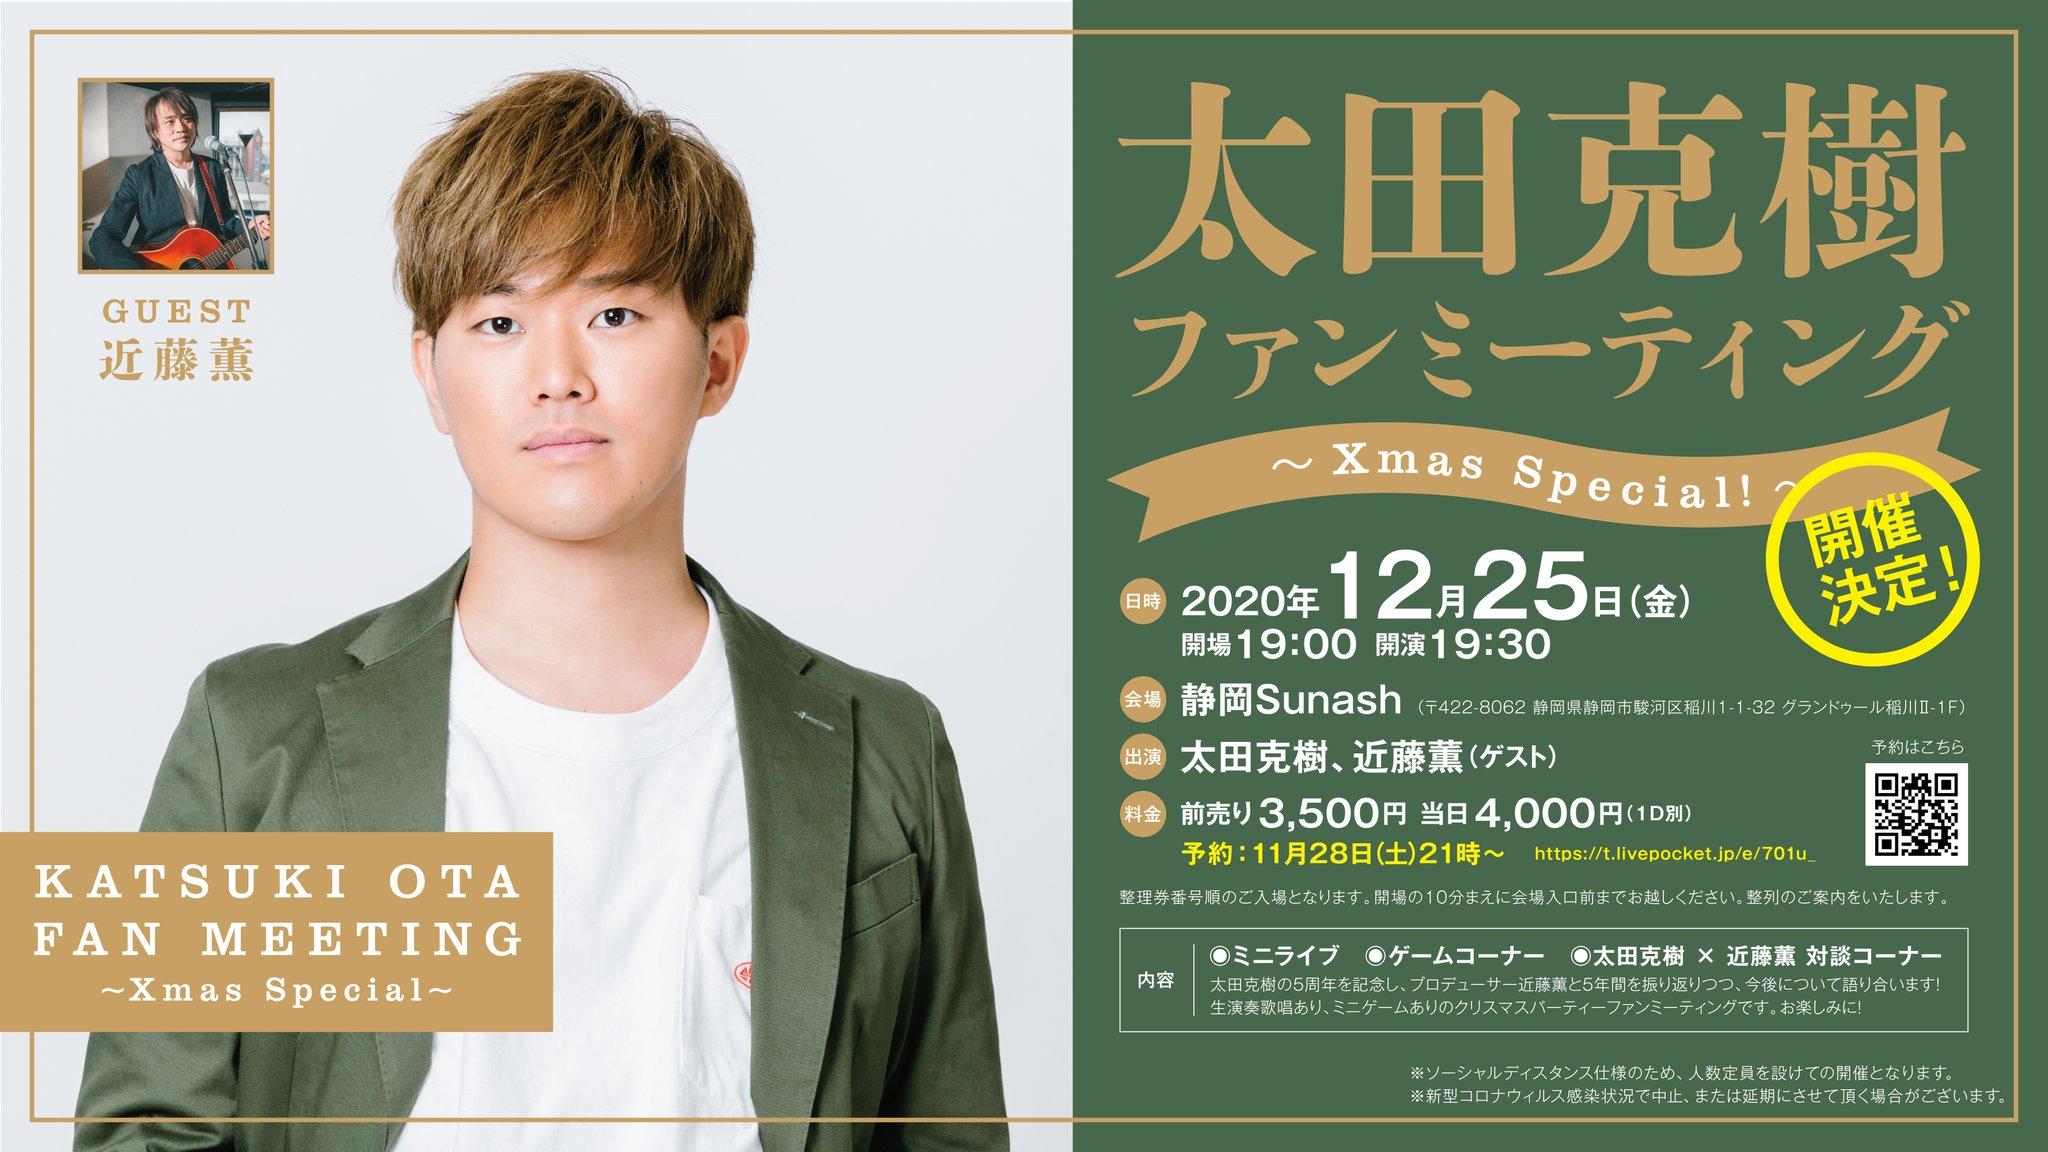 12/25(金)「太田克樹ファンミーティング〜Xmas Special!〜」